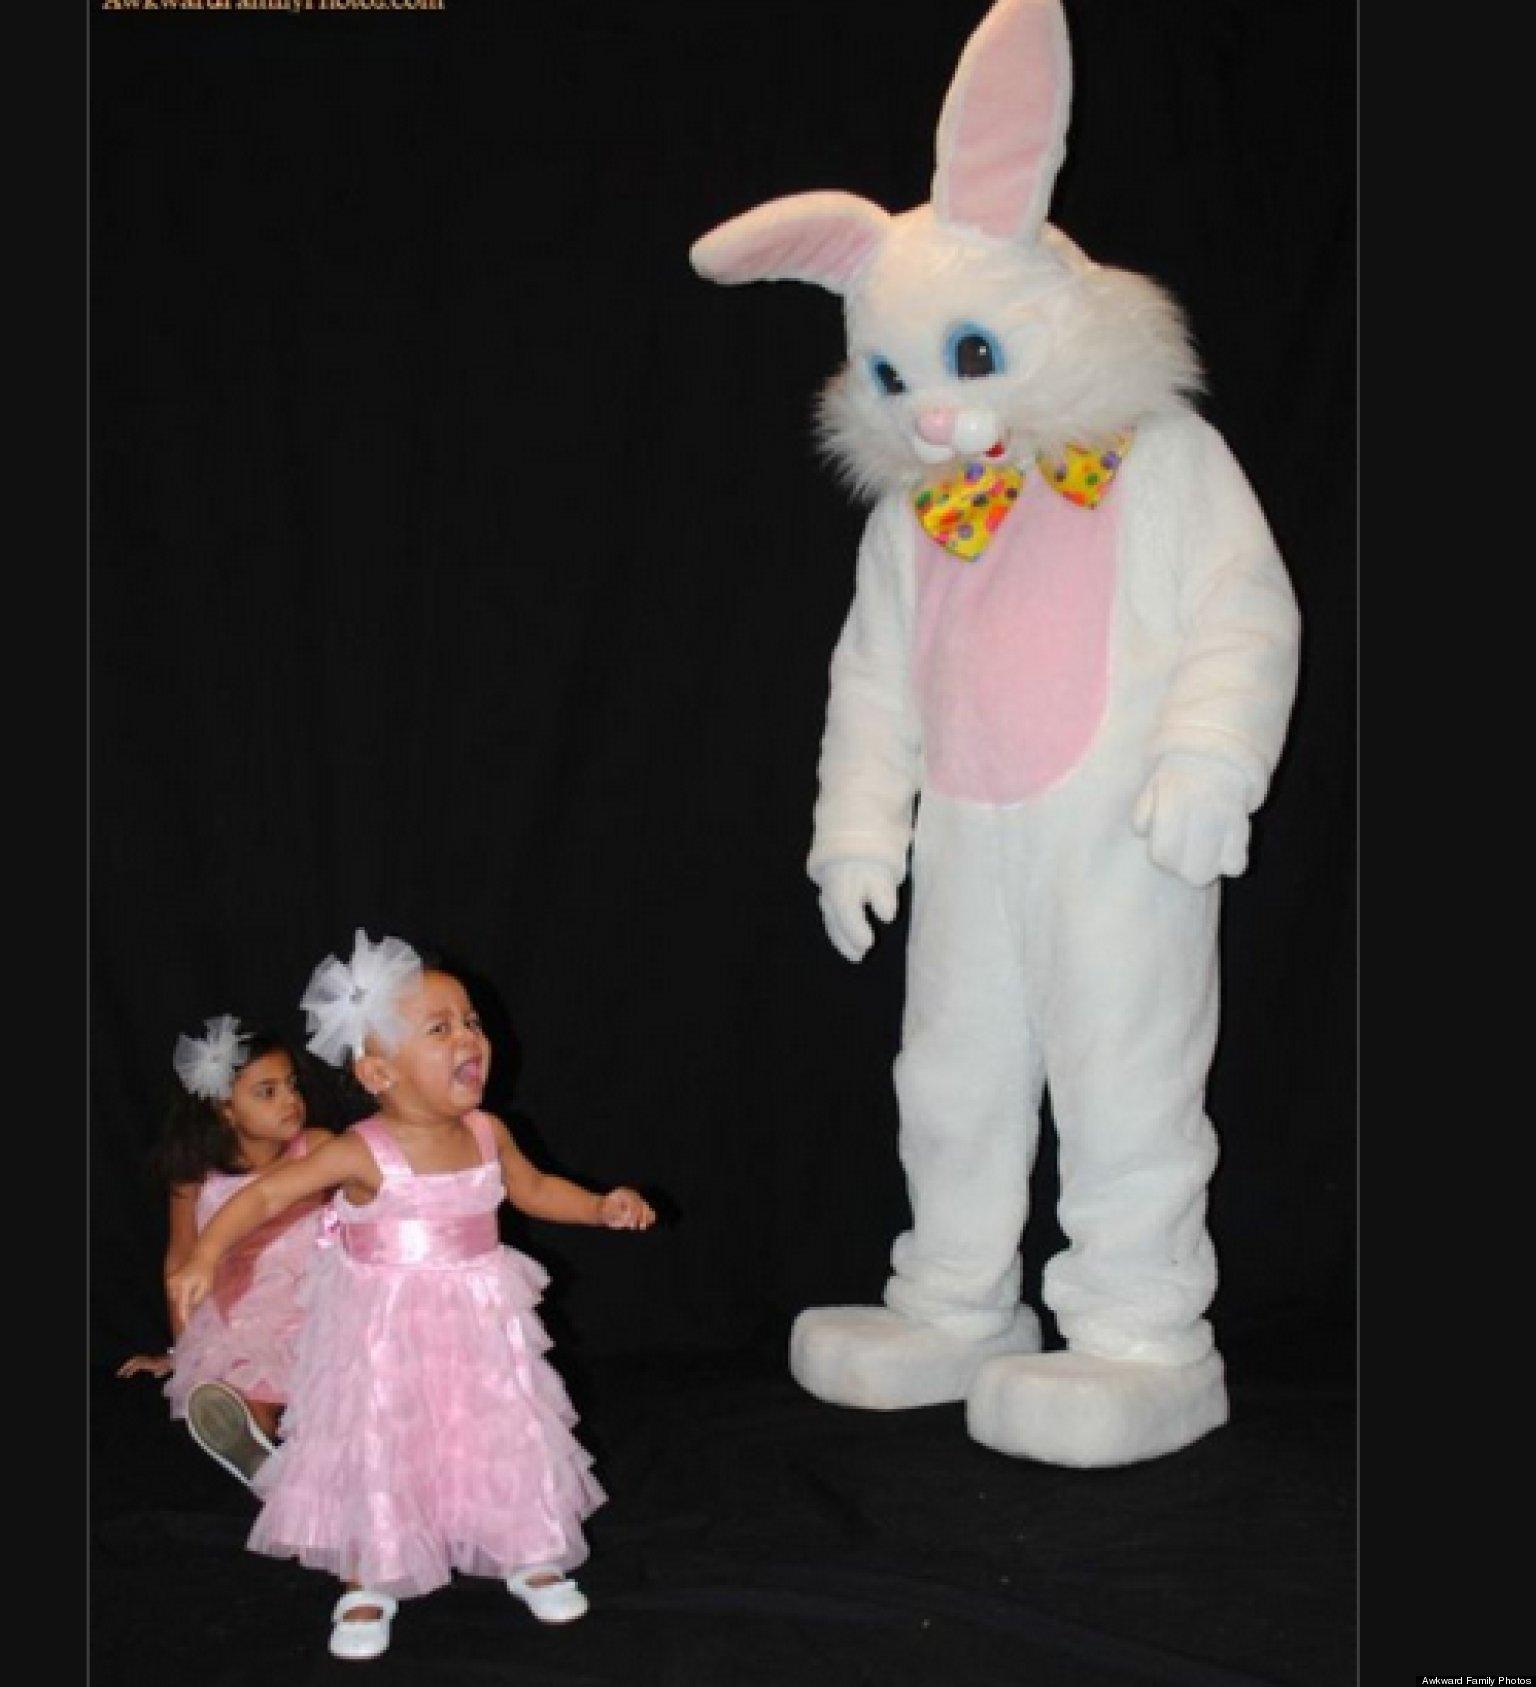 Scary Easter Bunny Photos O-awkward-easter-photos- ...